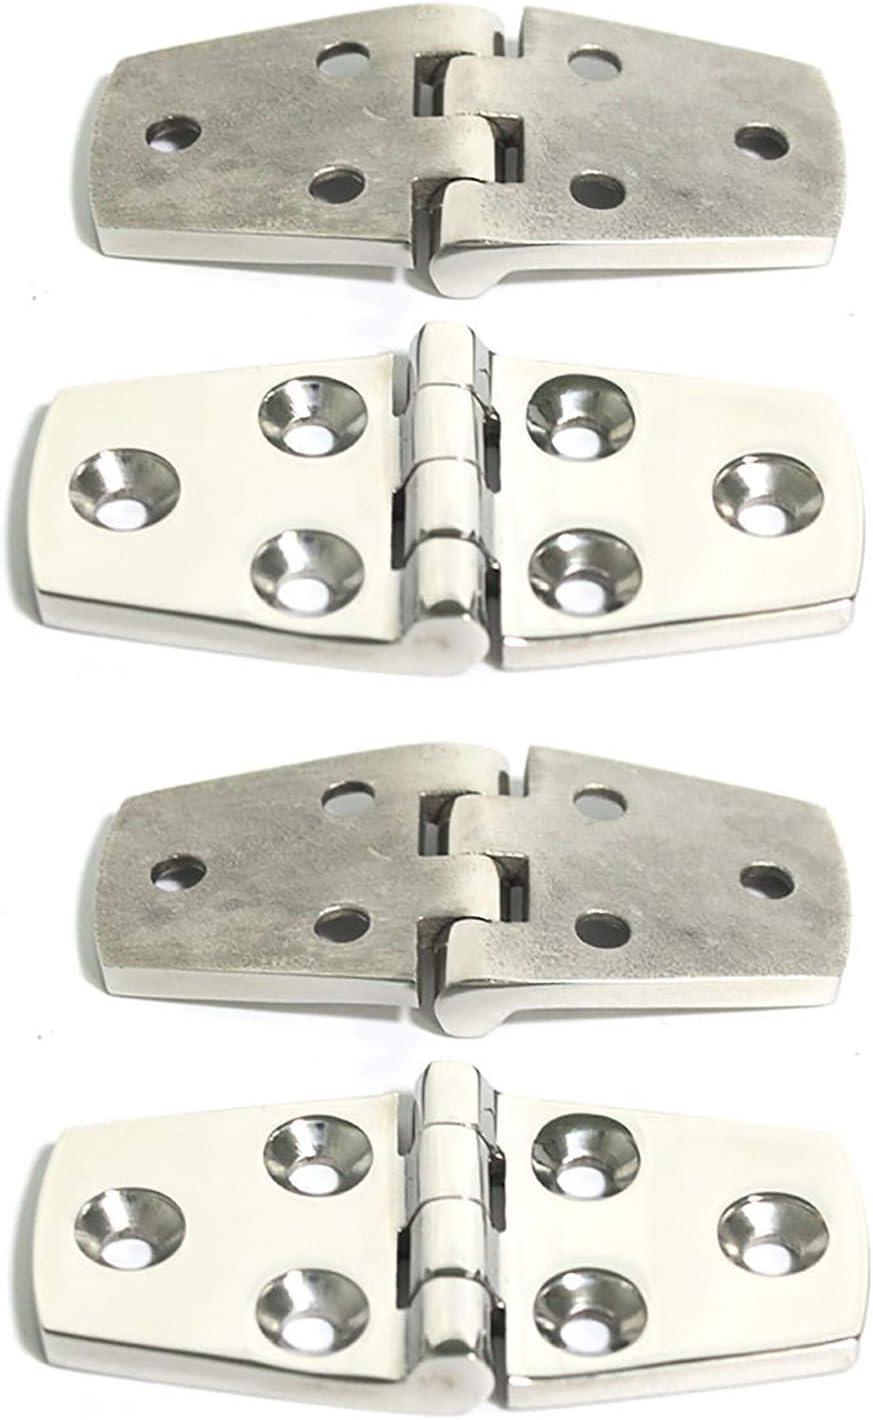 POFET 4 bisagras de acero inoxidable 316 para puerta de barco, yate, RV, 4 unidades